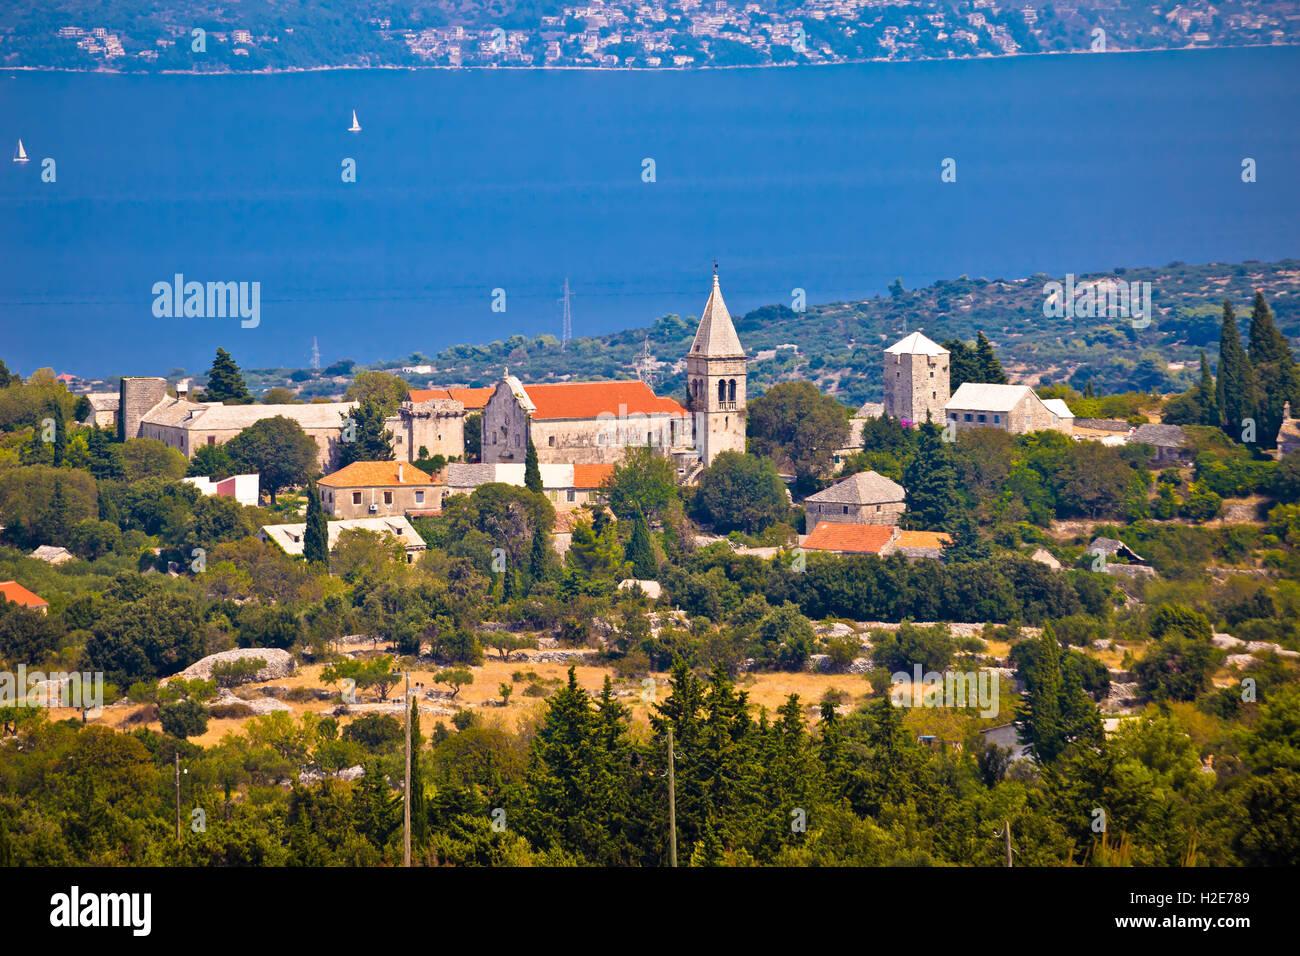 Villaggio di Skrip architettura in pietra e Brac vista canale, Dalmazia, Croazia Immagini Stock